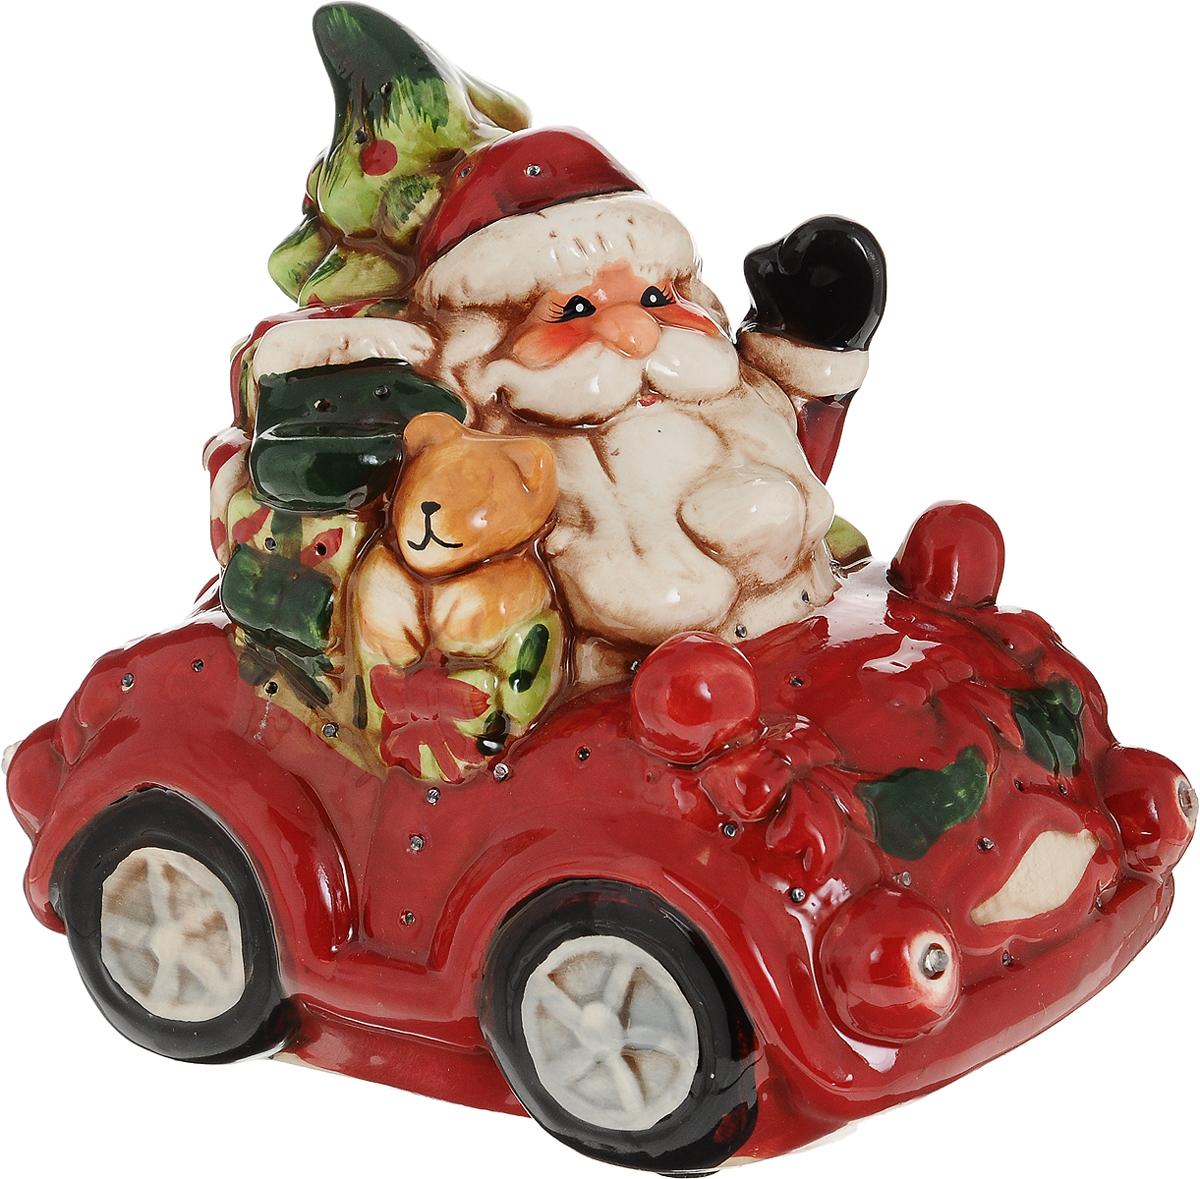 Фигурка декоративная Дед Мороз с подарками, с подсветкой, цвет: красный, 16 х 11 х 14 см119424Фигурка декоративная Дед Мороз с подарками, выполненная из керамики в виде Деда Мороза с елкой и подарками в автомобиле, оснащена светодиодной подсветкой, которая мигает разноцветными огоньками. Вы можете поставить фигурку в любом месте, где она будет удачно смотреться, и радовать глаз. Кроме того, новогоднее украшение- отличный вариант подарка для ваших близких и друзей. Работает от 3 батареек типа ААА (не входит в комплект, приобретаются отдельно).